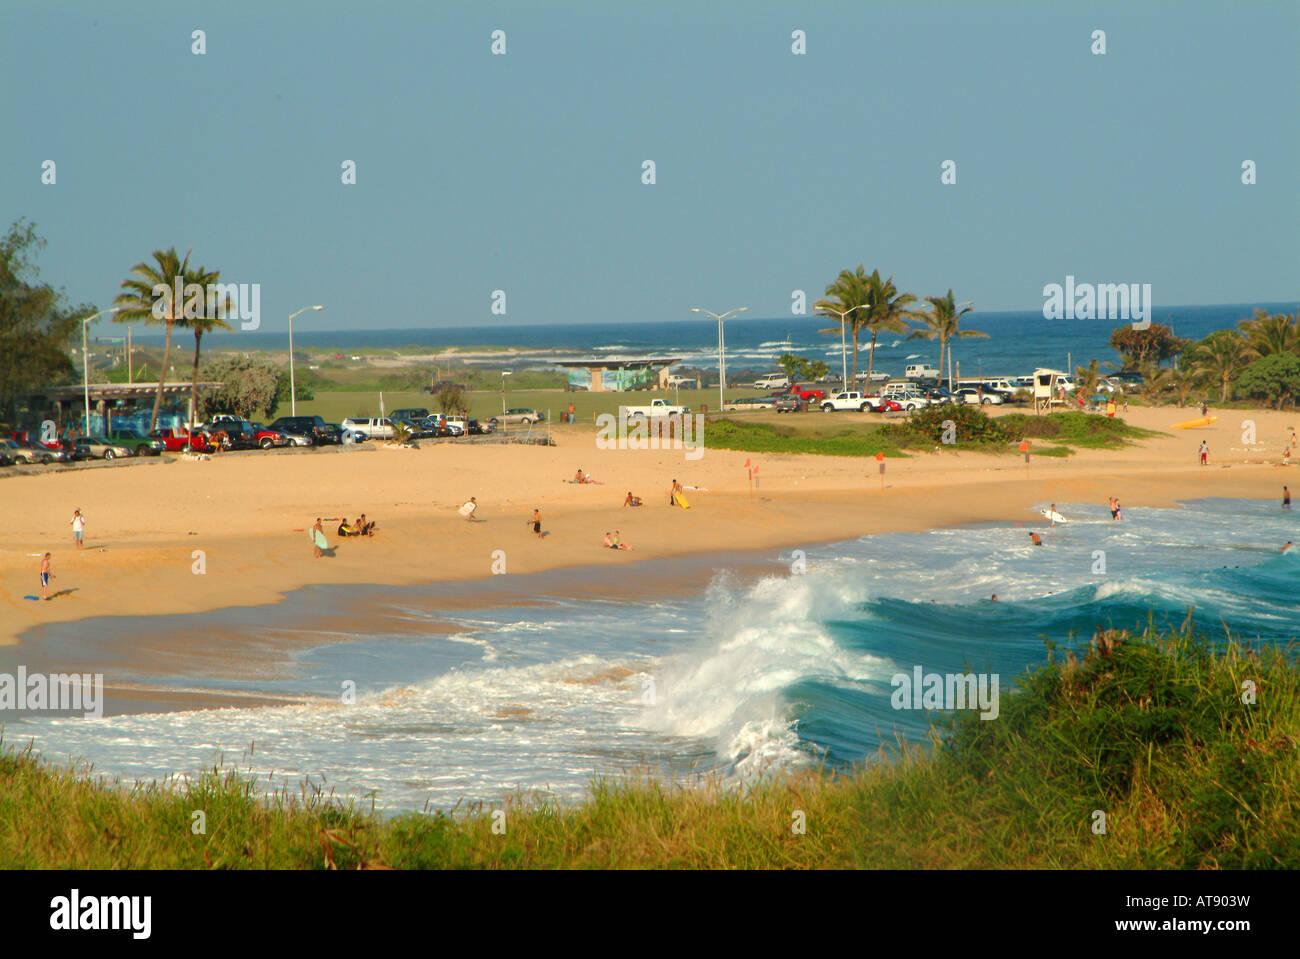 Plage de sable fin, une célèbre plage de bodysurfing sur Oahu côte est du Kaiwi Banque D'Images